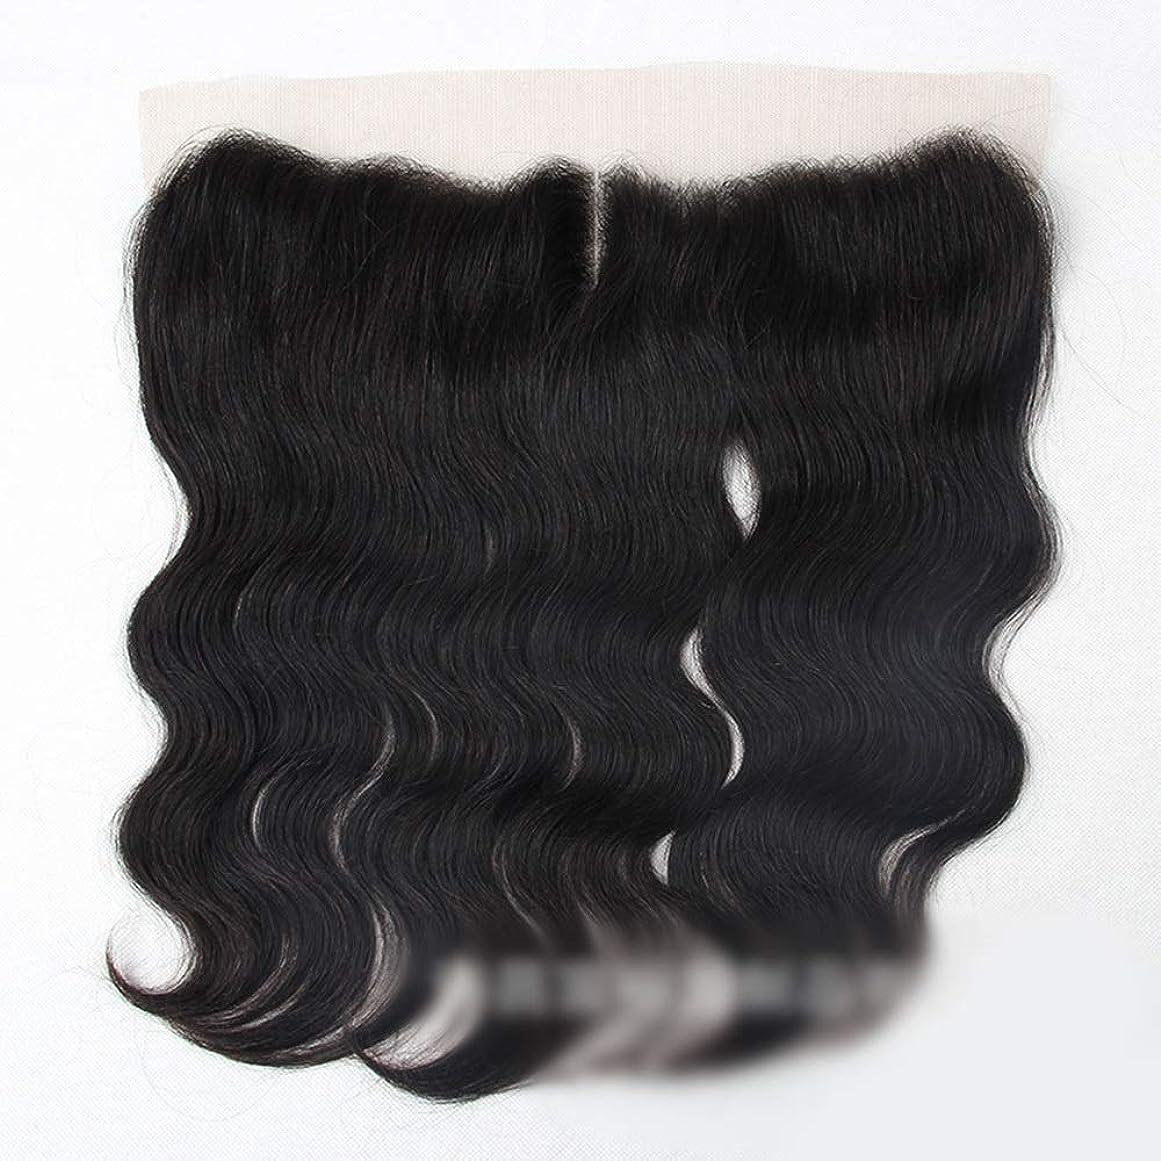 これら攻撃アミューズブラジル実体波人間の髪の毛13×4レース前頭閉鎖中間部ナチュラルブラック モデリングツール (色 : 黒, サイズ : 16 inch)